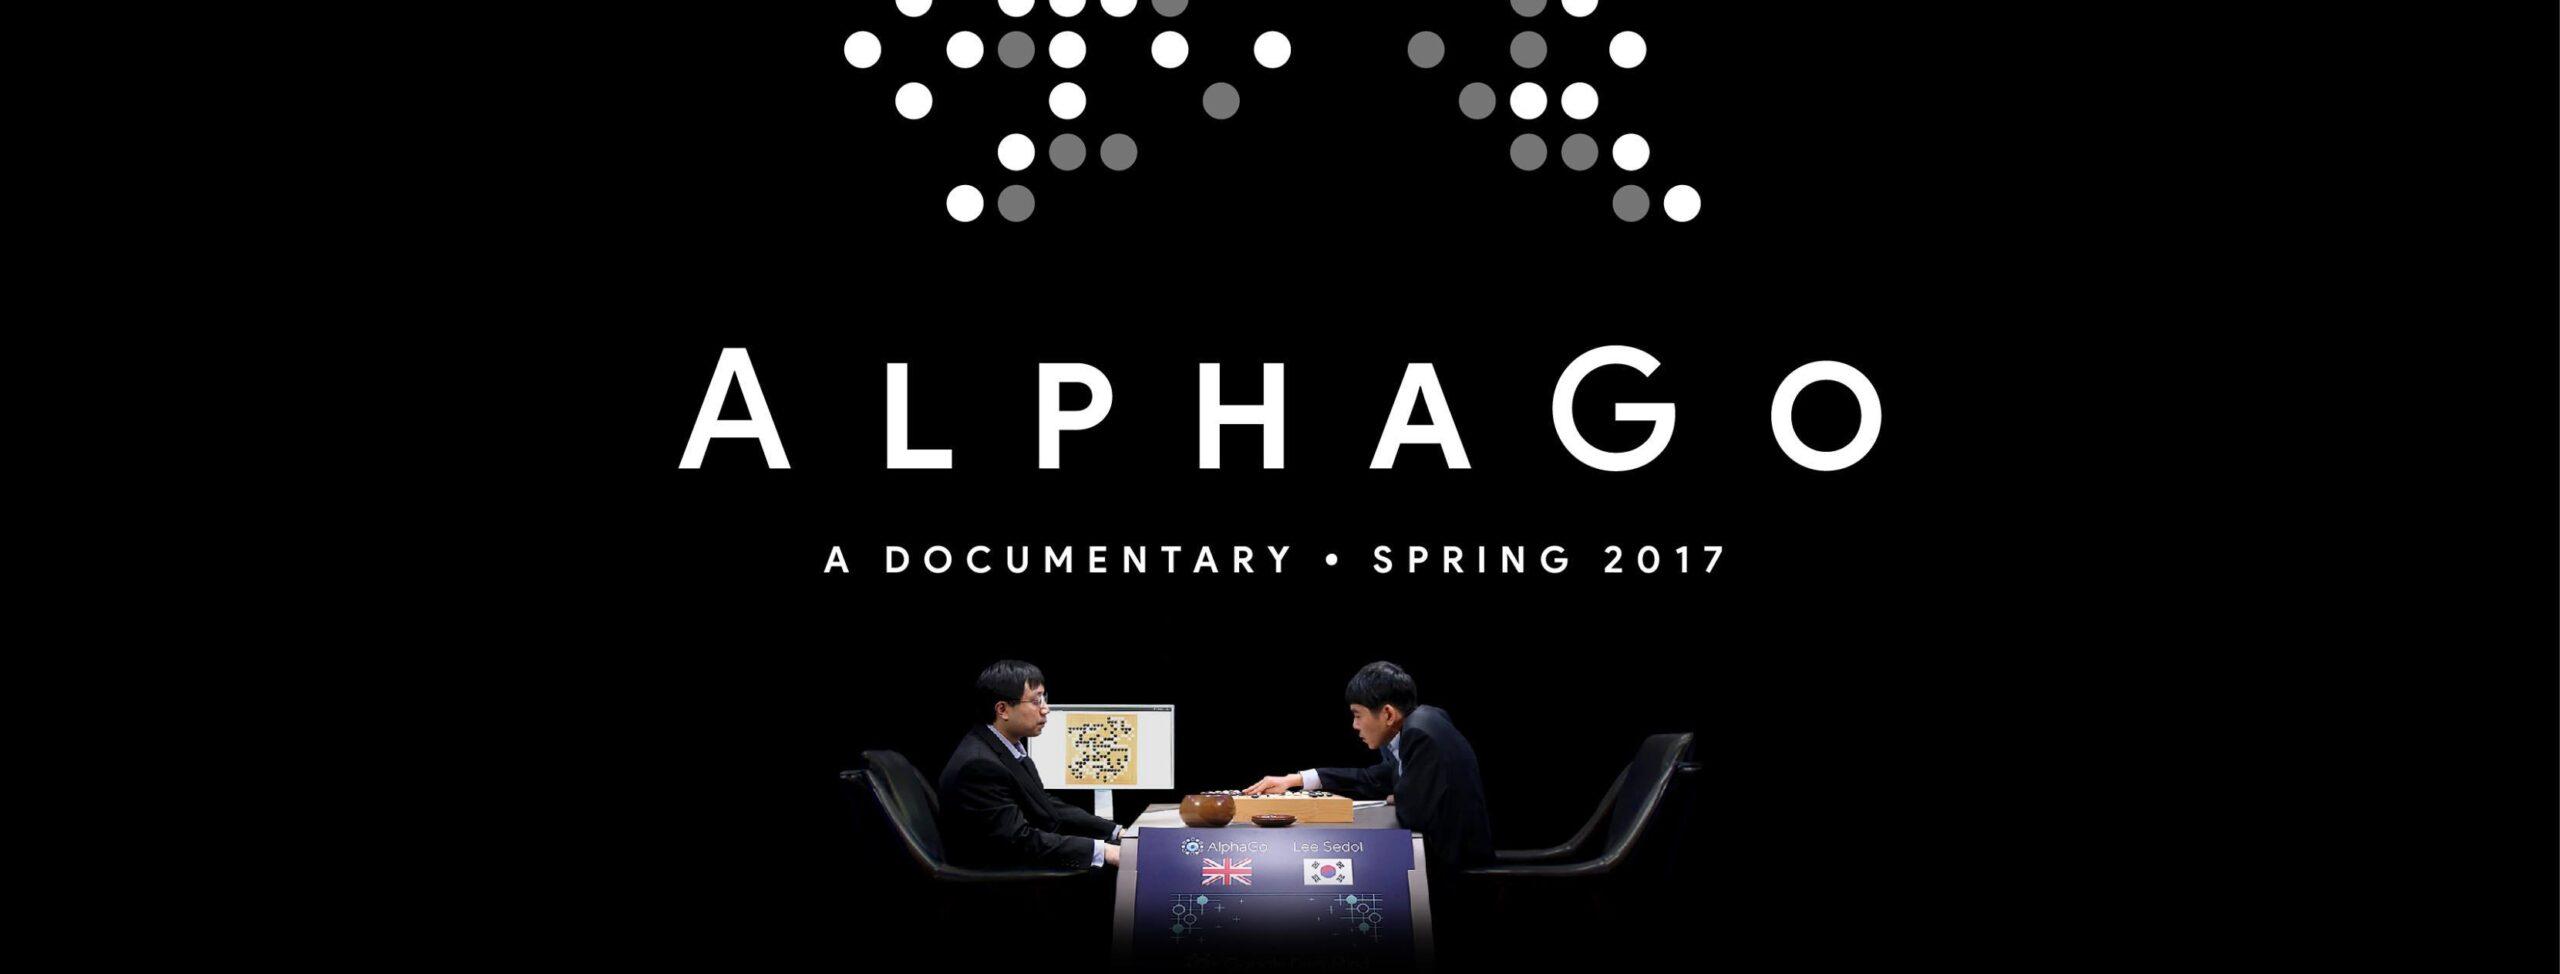 Yapay Zekanın İnsana En Karmaşık Zaferi: AlphaGo Filmi